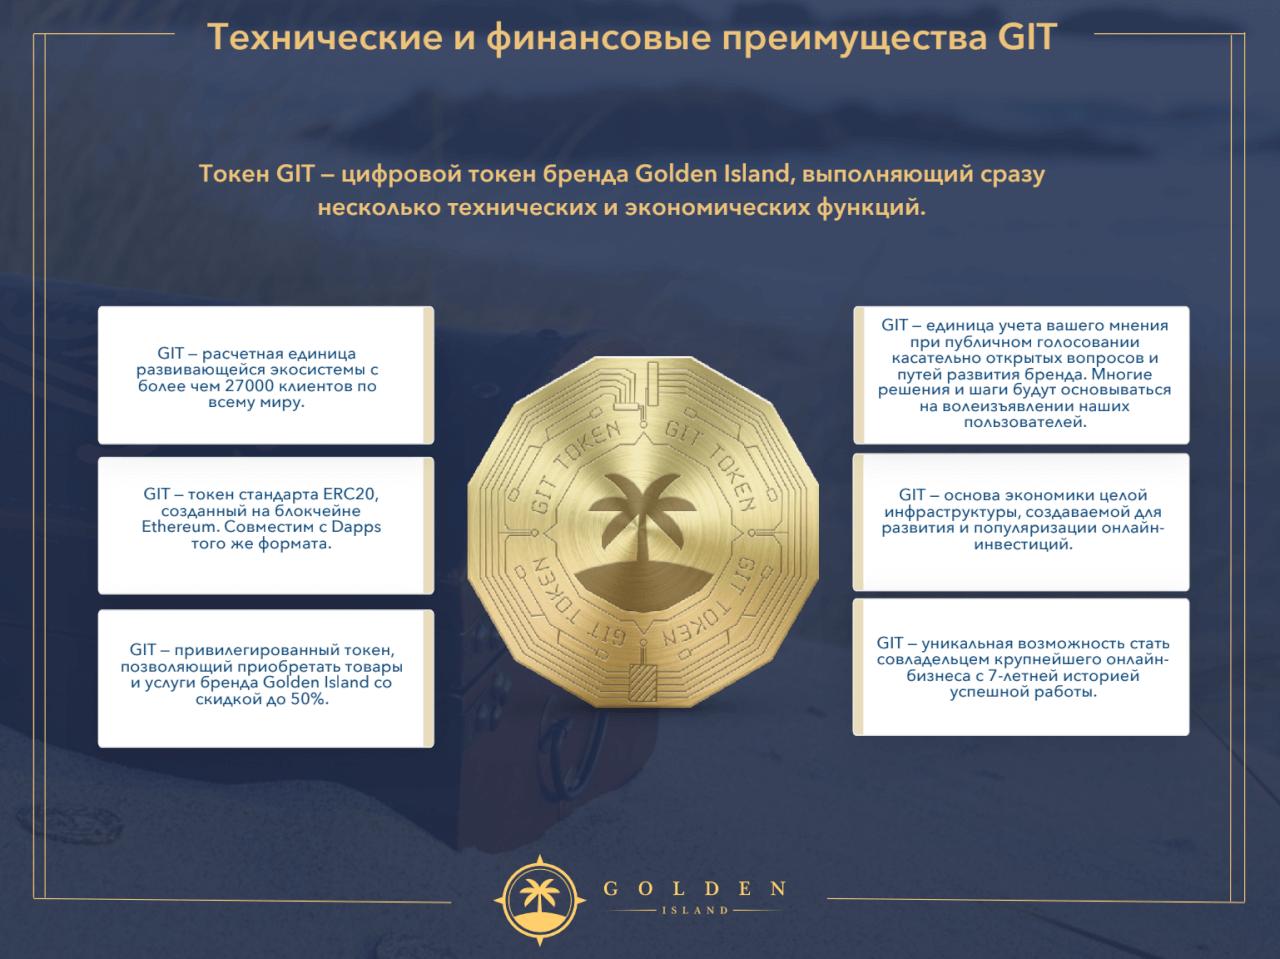 Особенности токена GIT